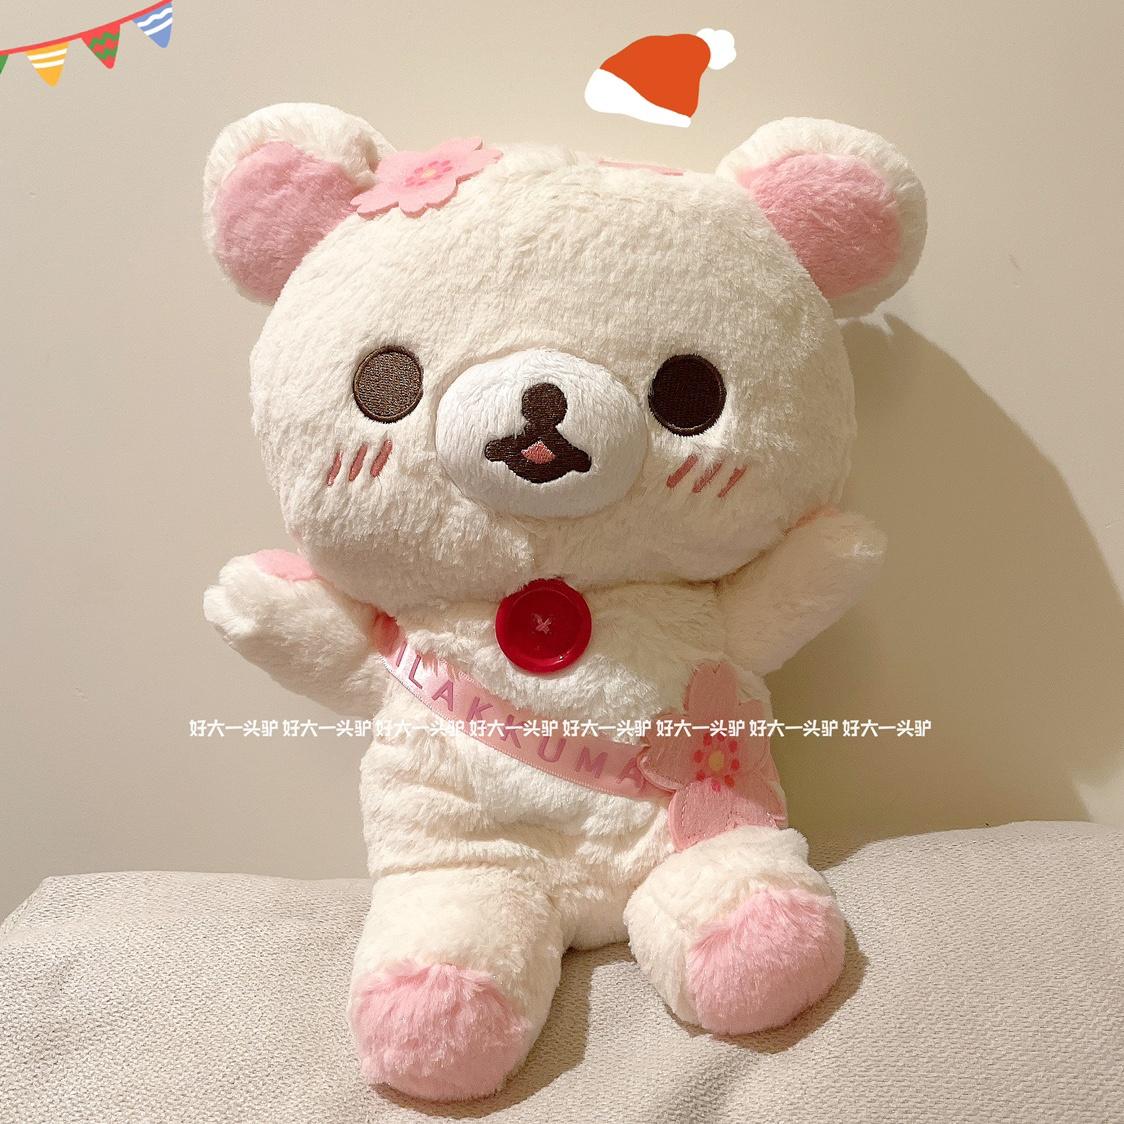 日单 轻松熊公仔摆件 一番赏 樱花咖啡馆 白色牛奶熊 可爱无吊牌